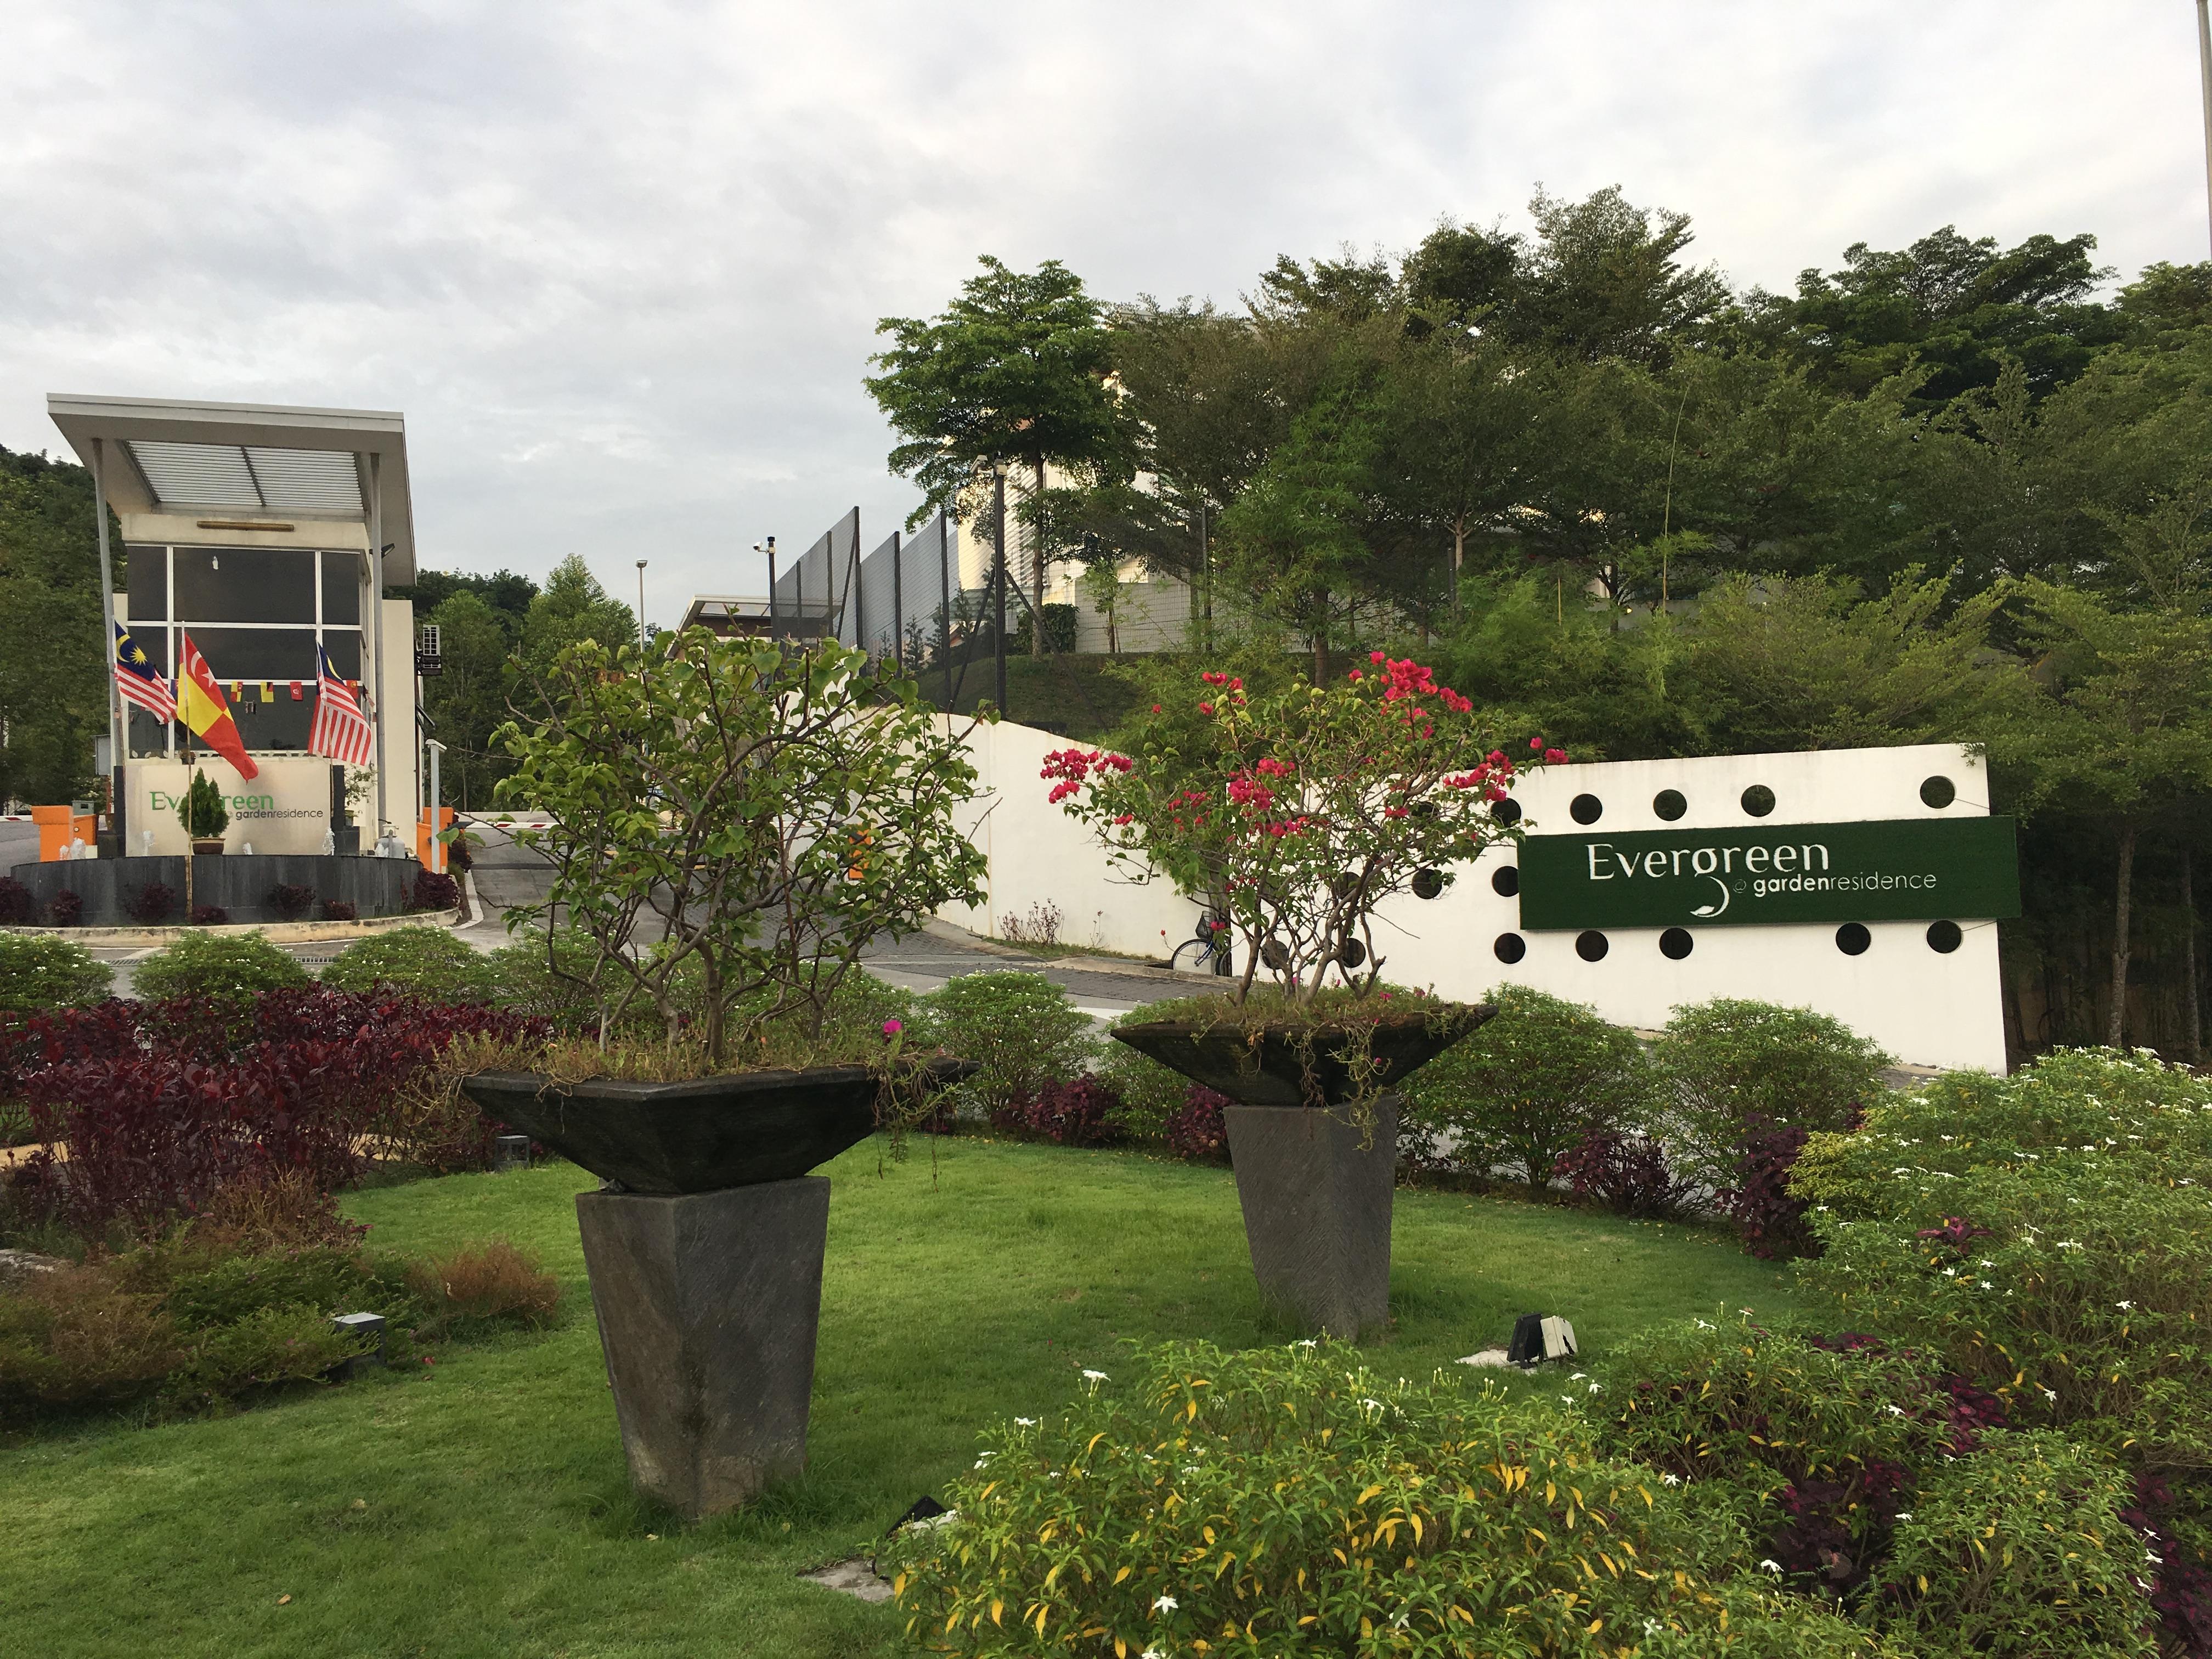 Evergreen Garden Residence